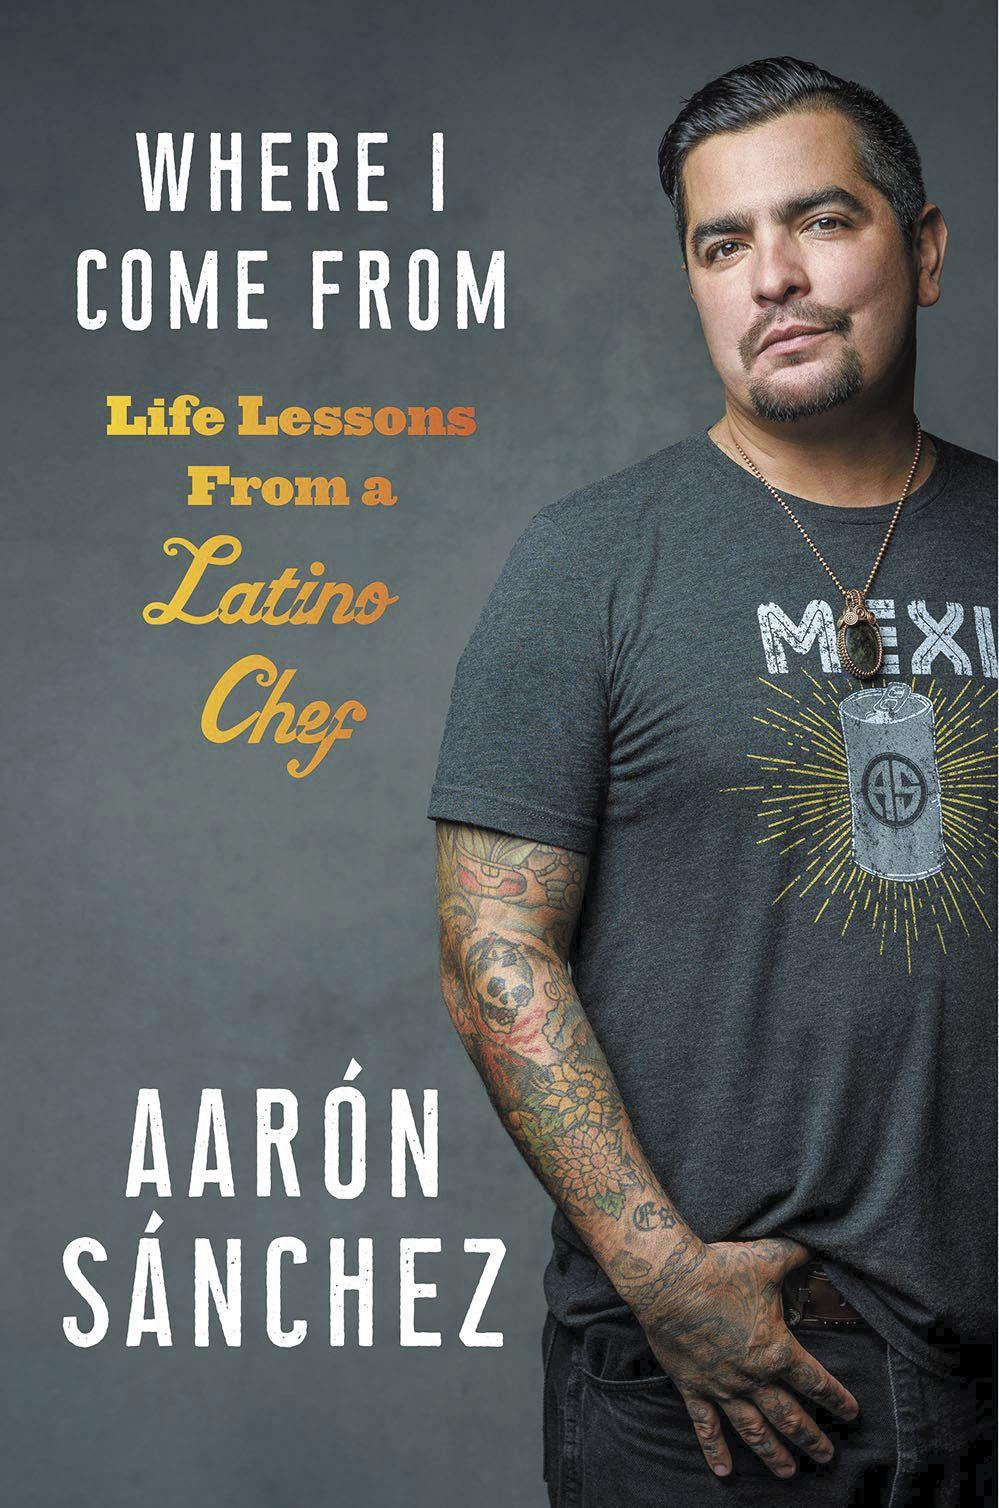 Chef Aarón Sánchez revisits El Paso roots in new book 2